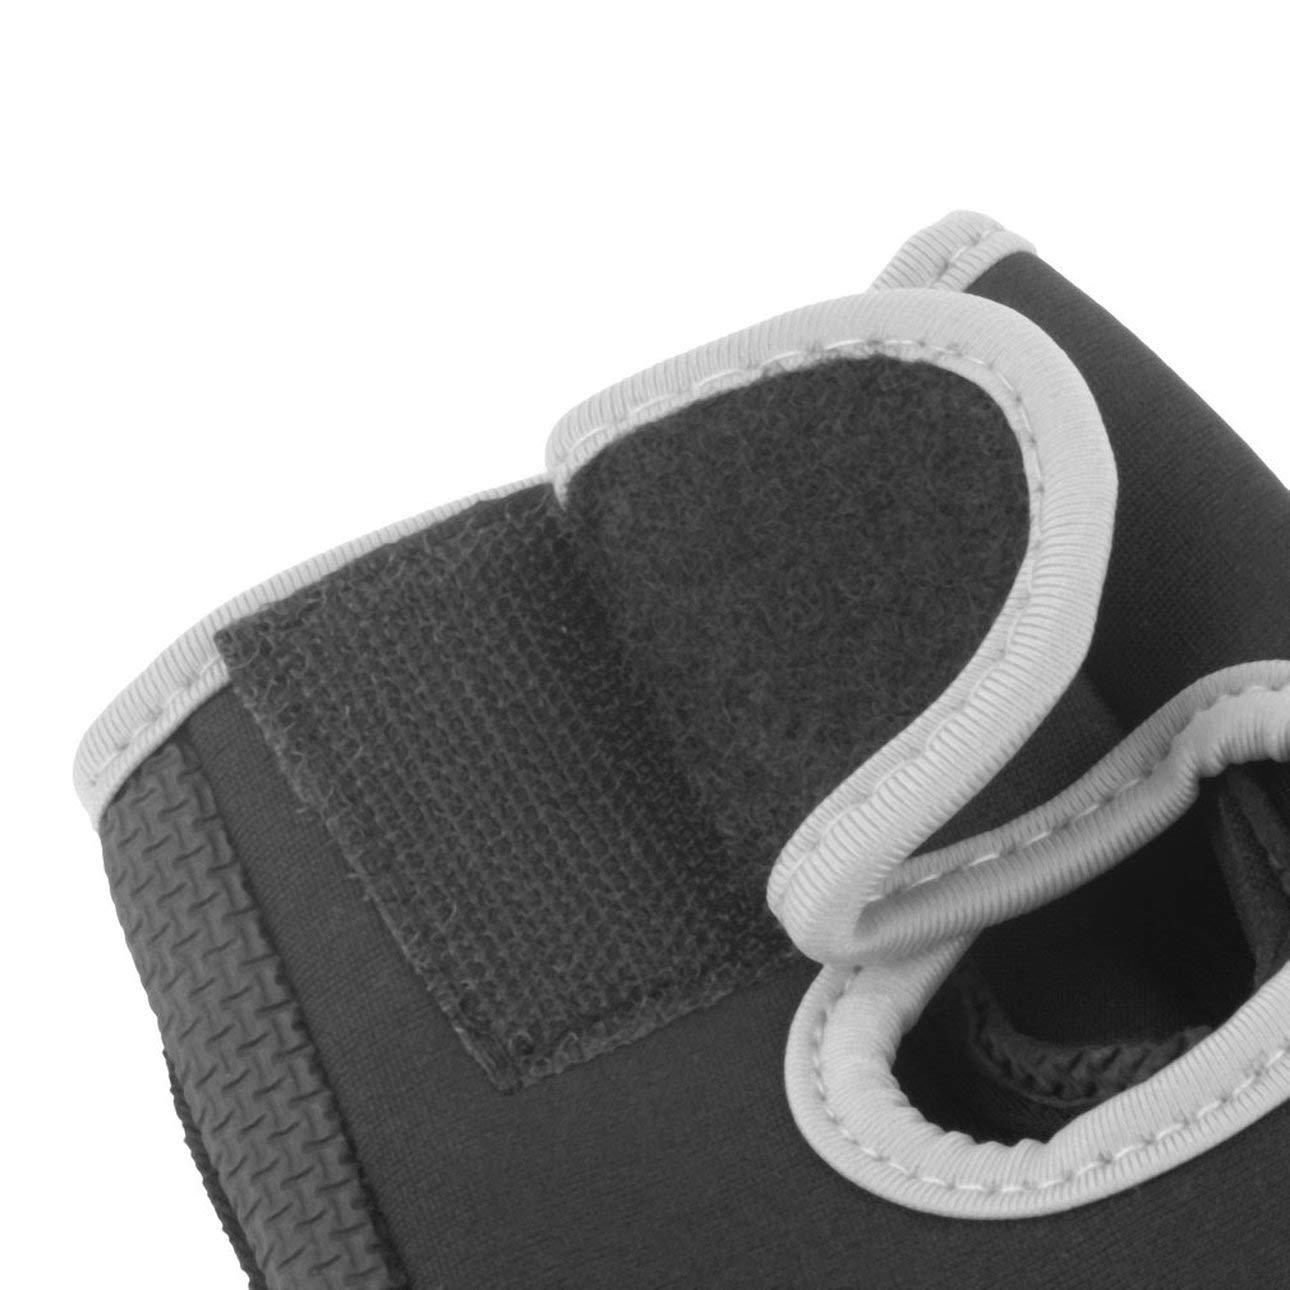 Pudincoco Medio Dedo Guantes de Entrenamiento Durable Deportes Mitones Guantes de Levantamiento de Pesas para Hombres Mujeres Ejercicio Entrenamiento Ciclismo Mitones